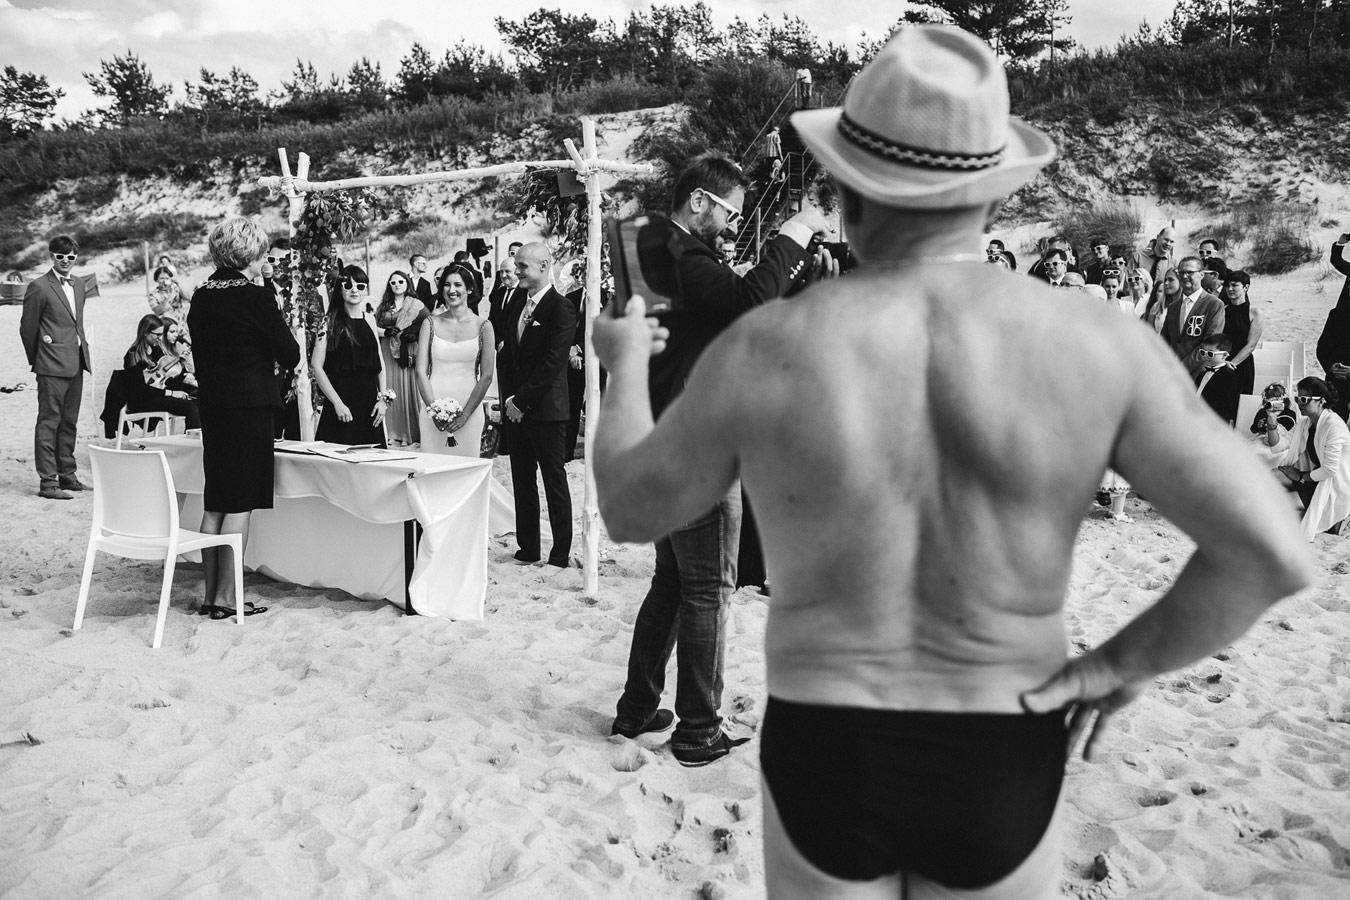 Марцин Блаувиц, Польша / Marcin Bublewicz, Poland, 2-е место в категории «Свадьба», Конкурс свадебной фотографии Rangefinder